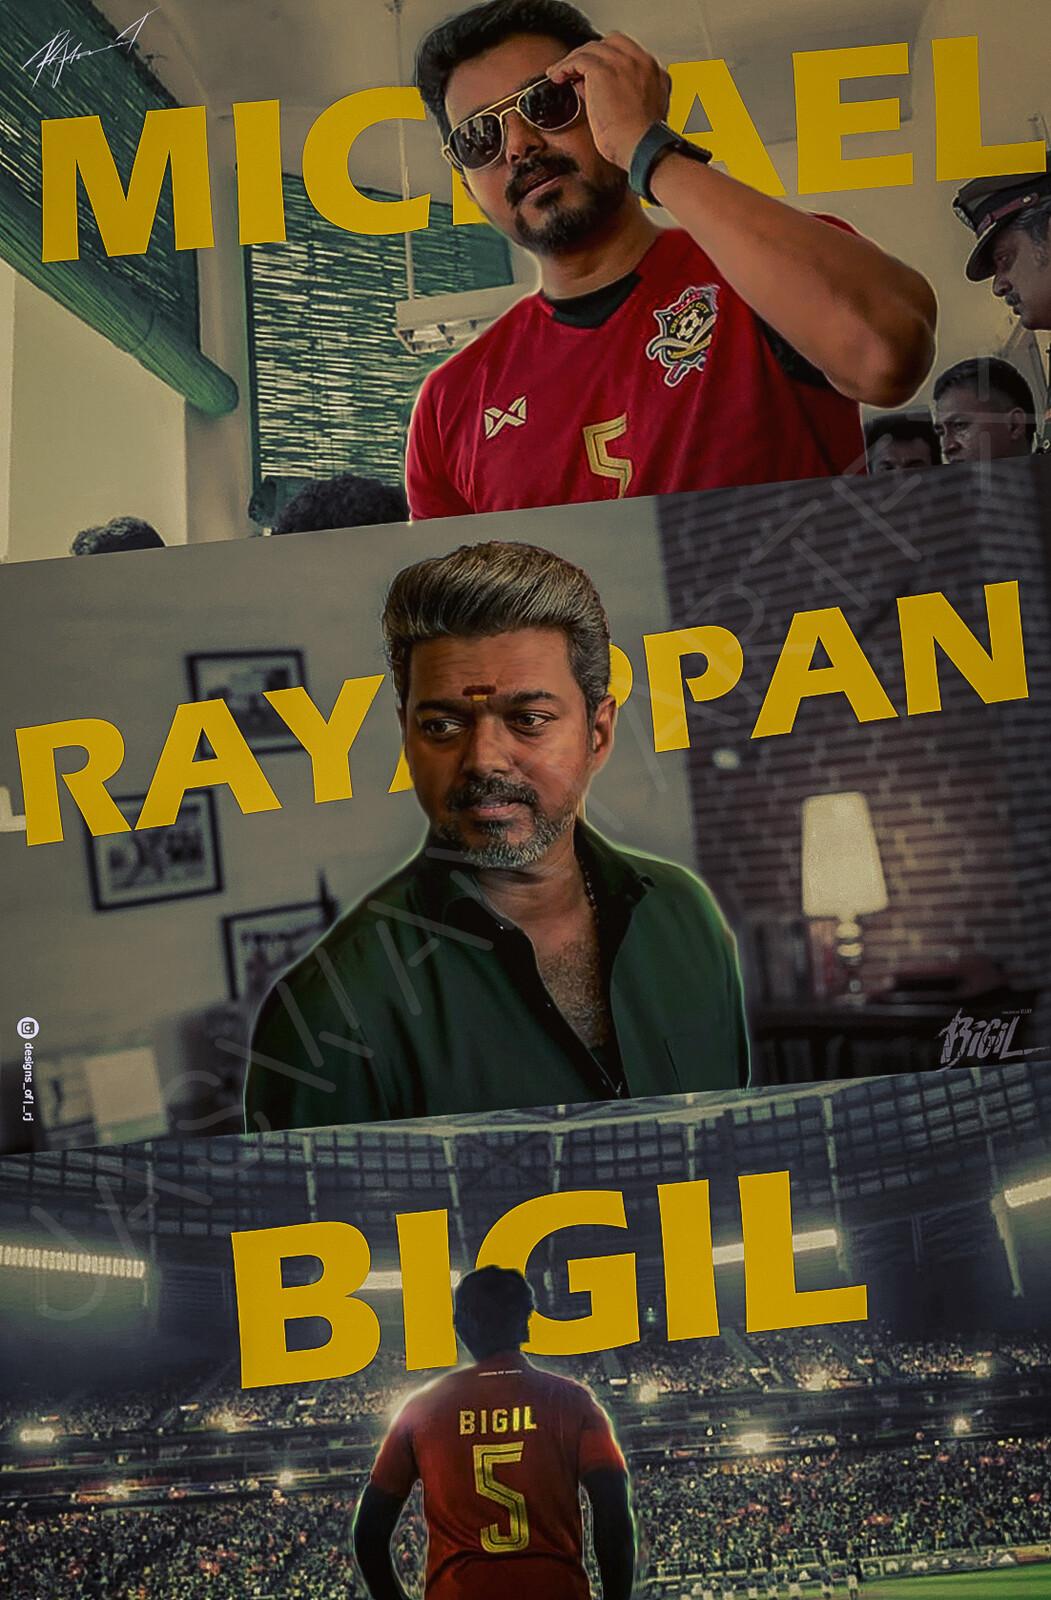 Bigil Poster